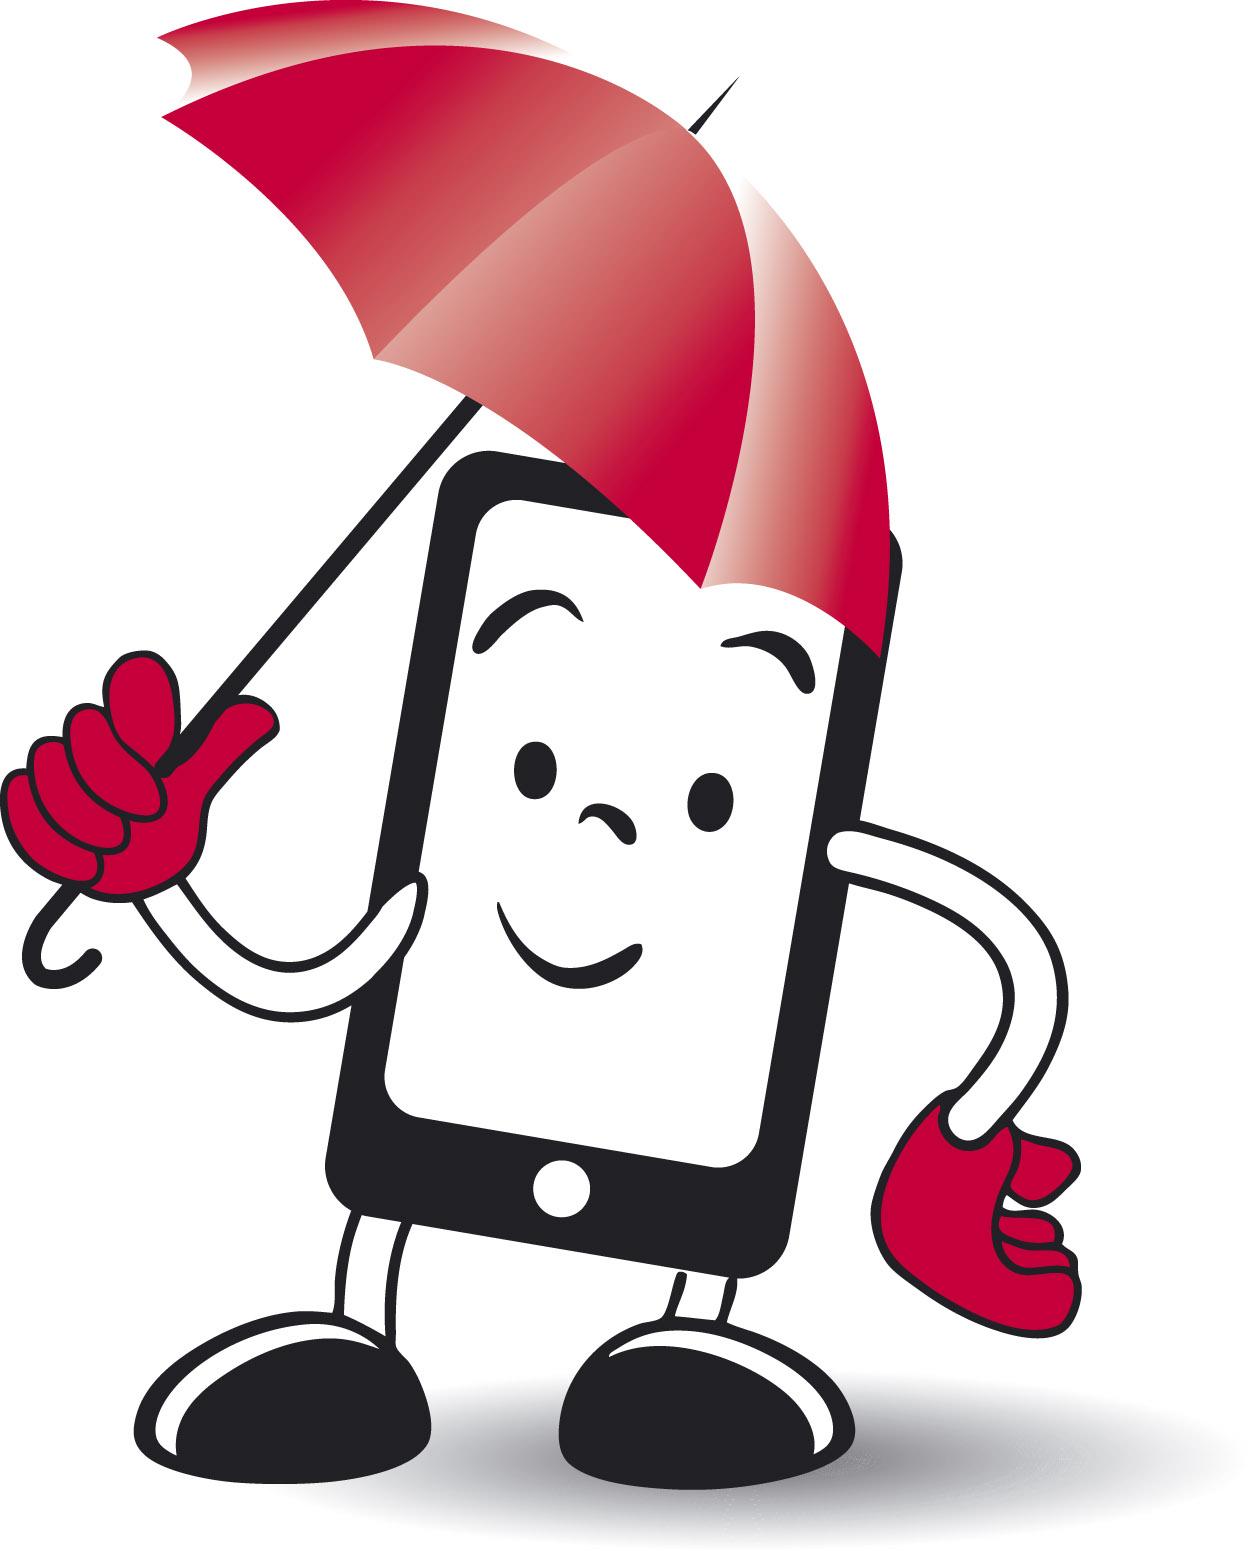 Mobile-Cover-mascot.jpg